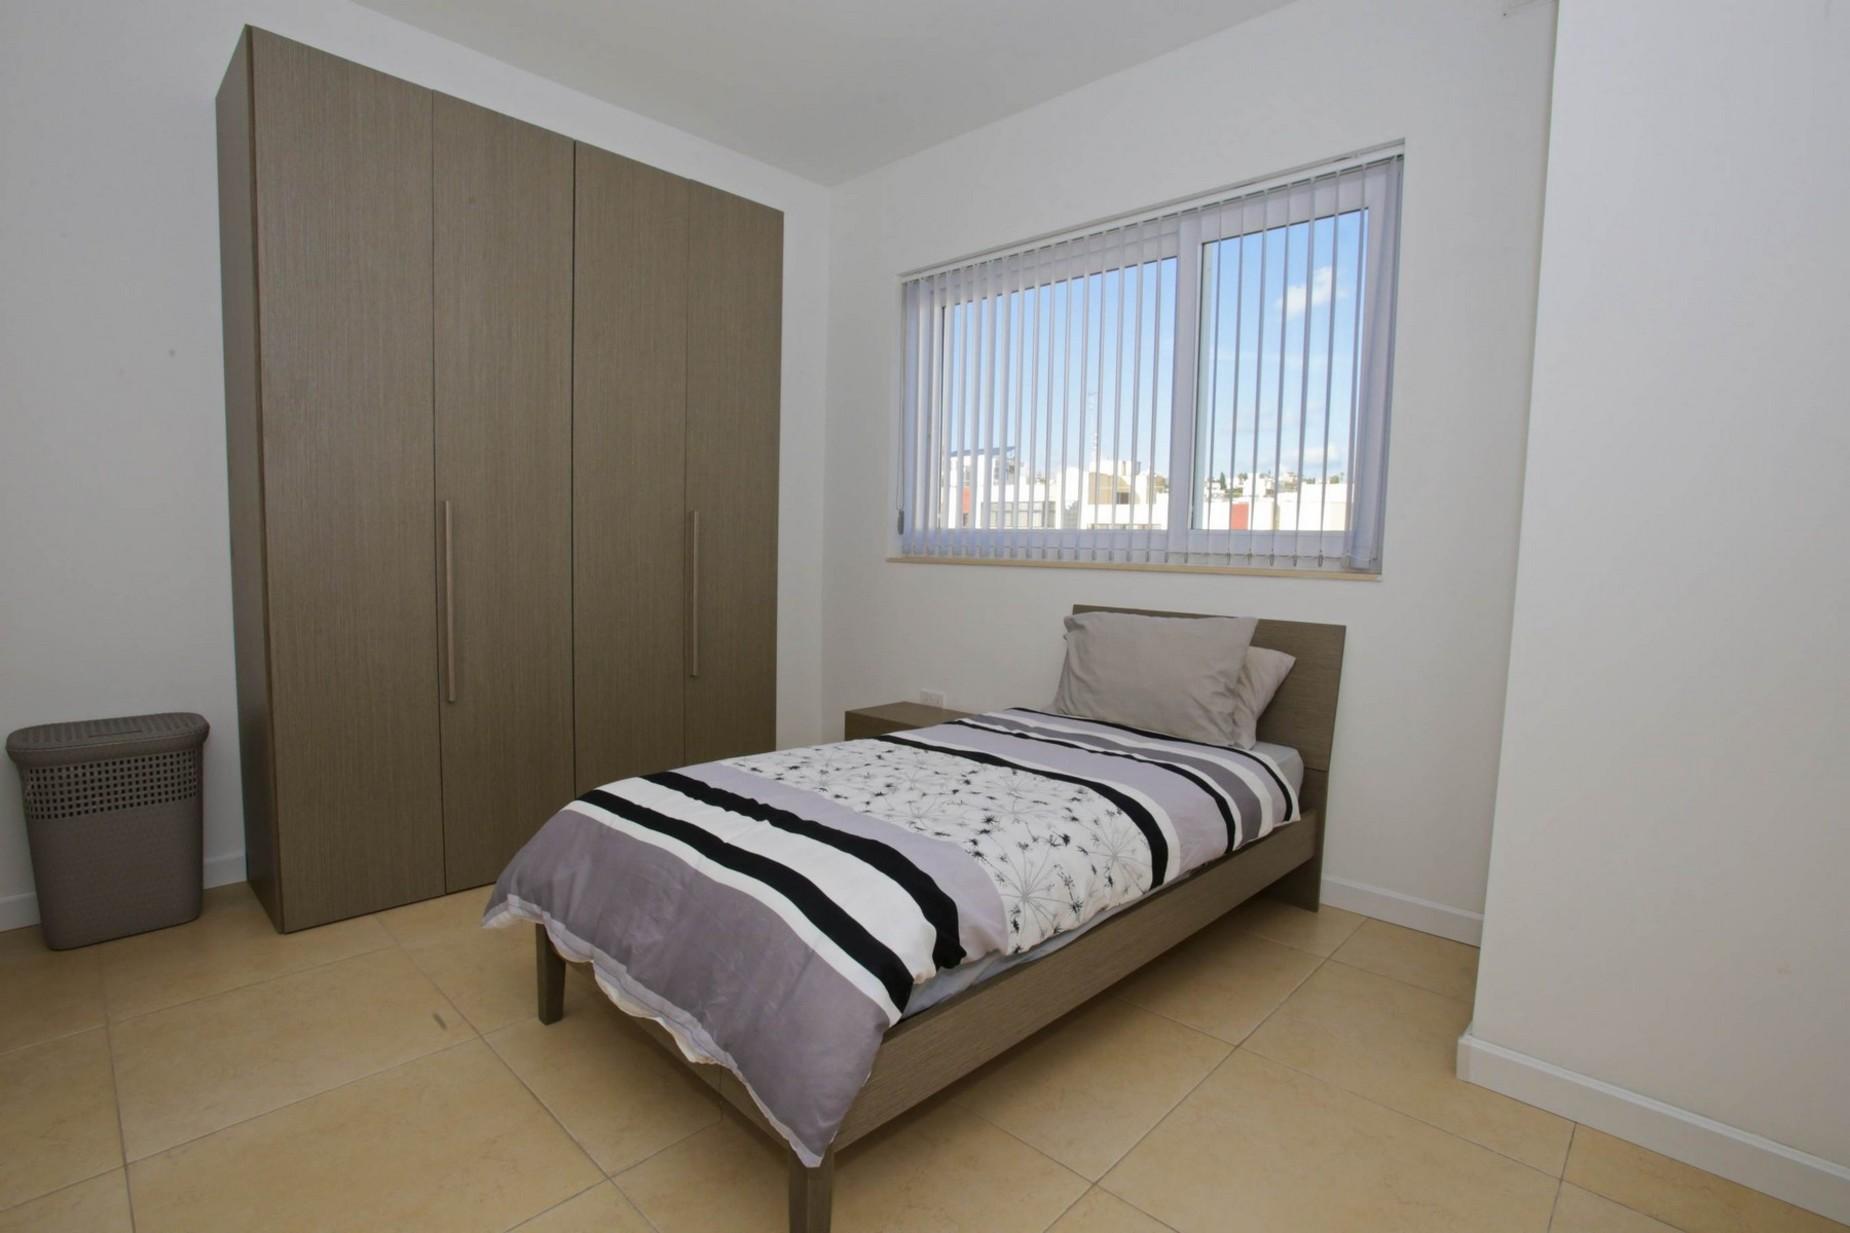 3 bed Apartment For Rent in Gzira, Gzira - thumb 15